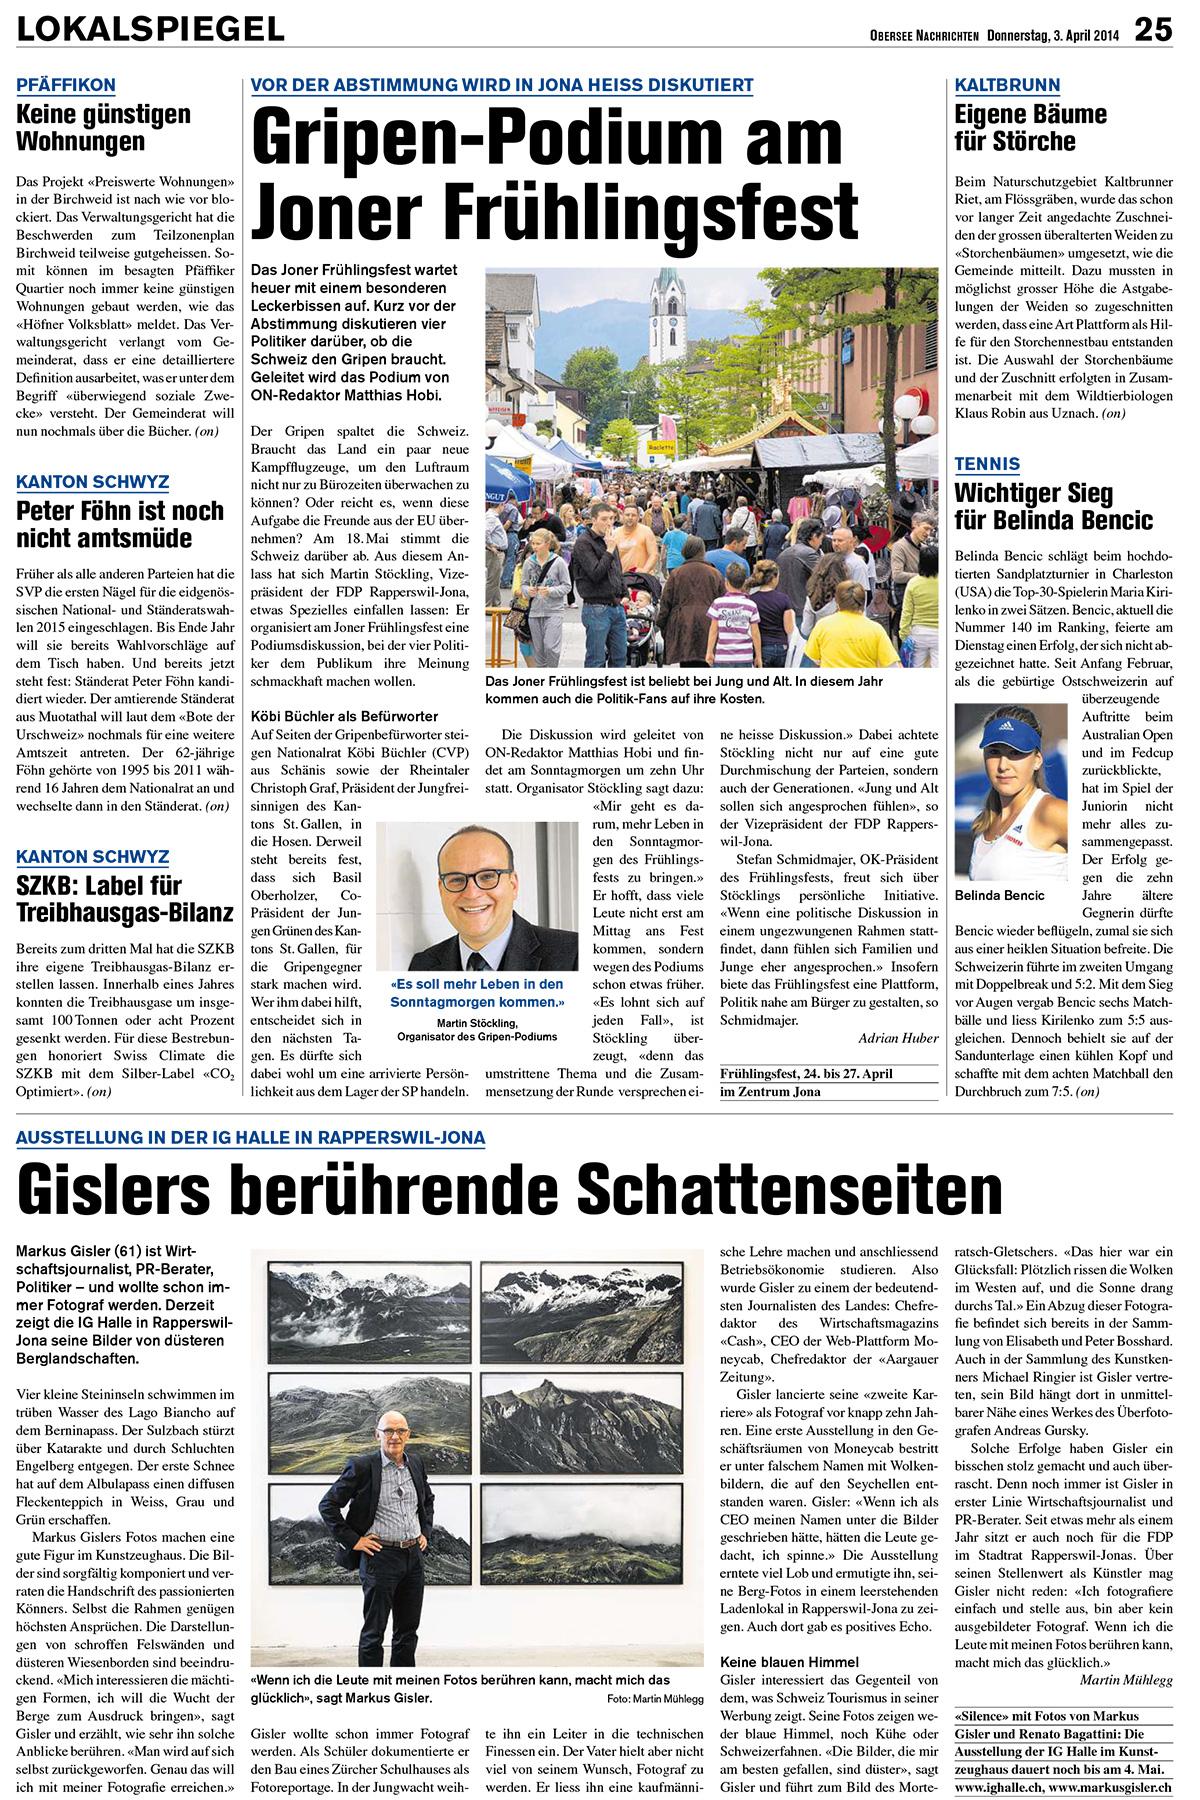 2014_S25_ON-Die-berührenden-Schattenseiten_2014-04-03.jpg